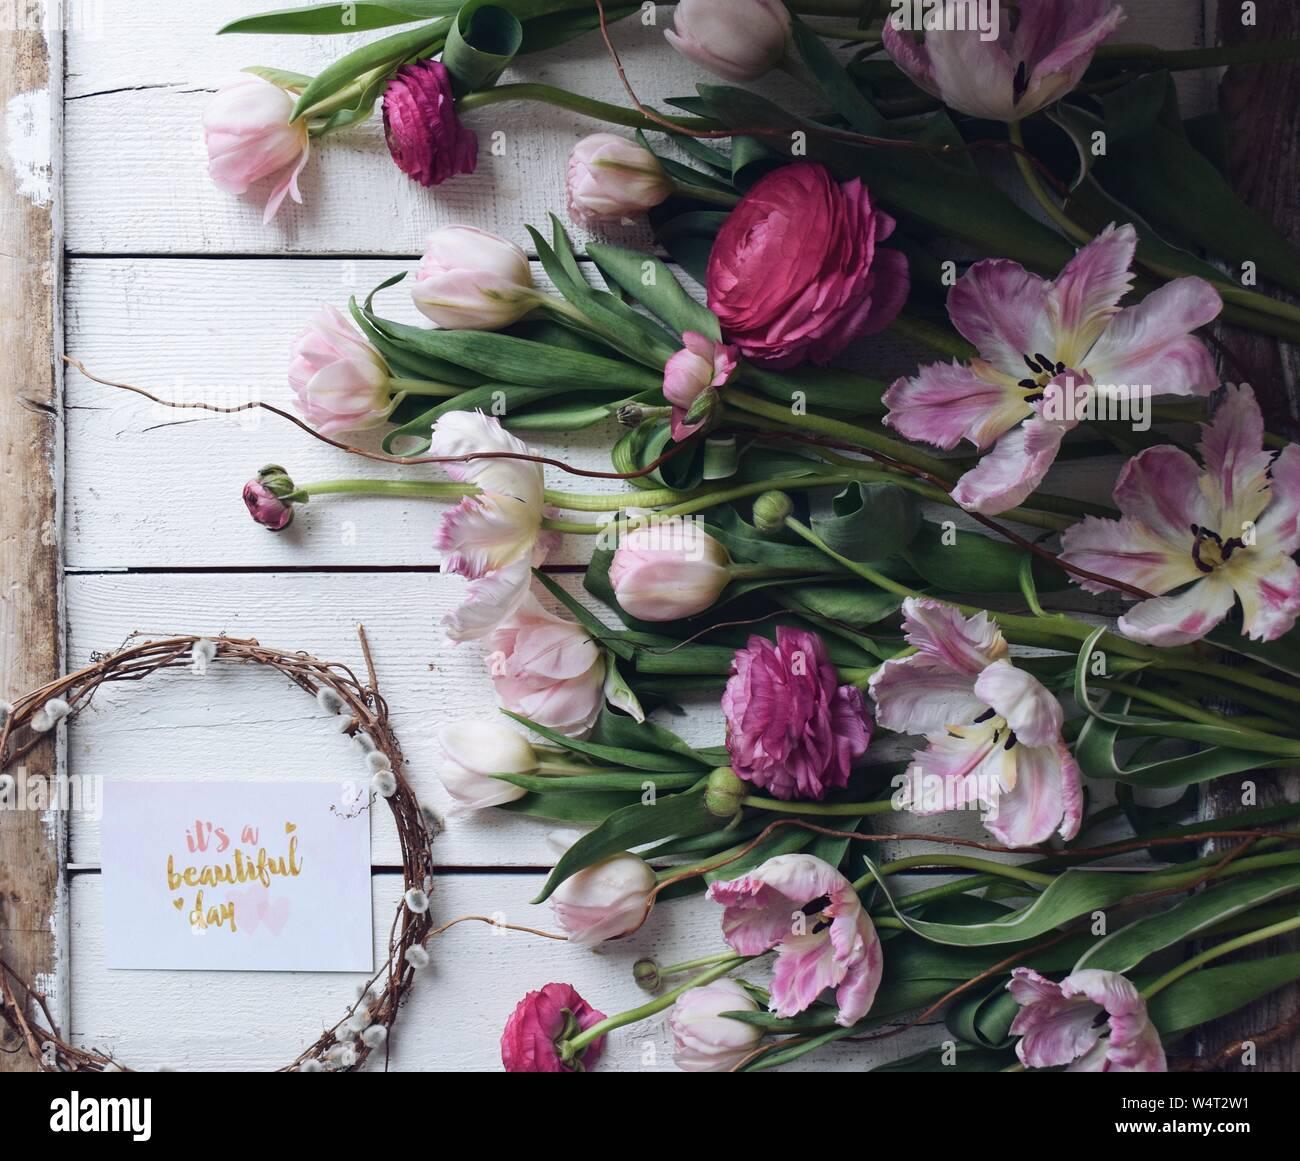 Rosa Tulpen und Ranunkeln mit einer Karte sagen, dass es ein schöner Tag Stockfoto